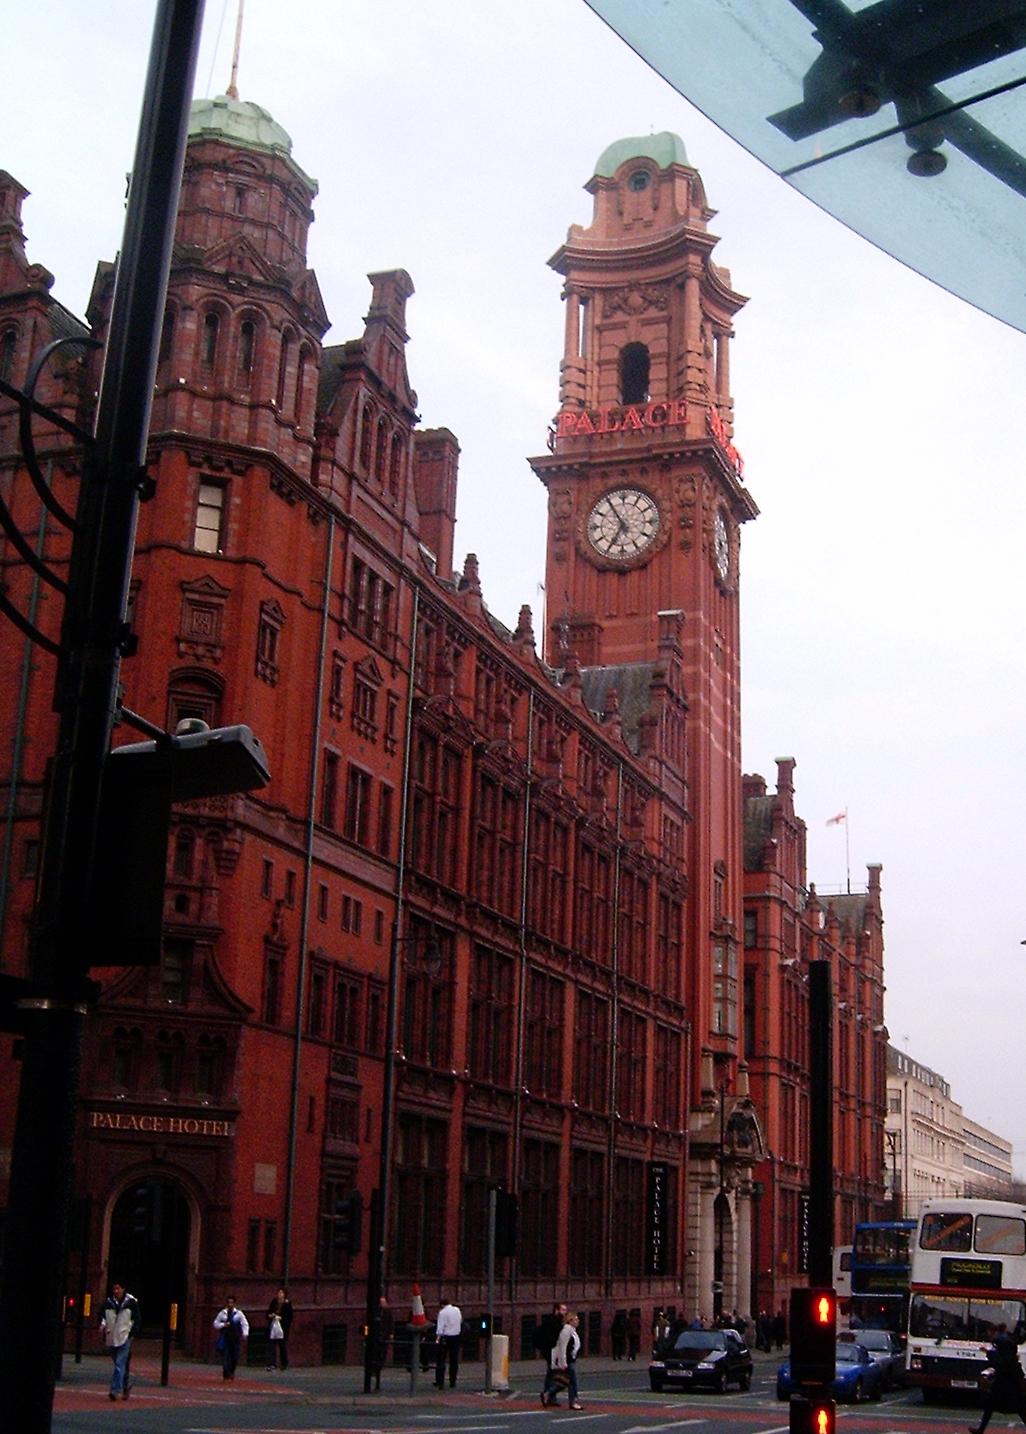 Refuge Hotel Manchester